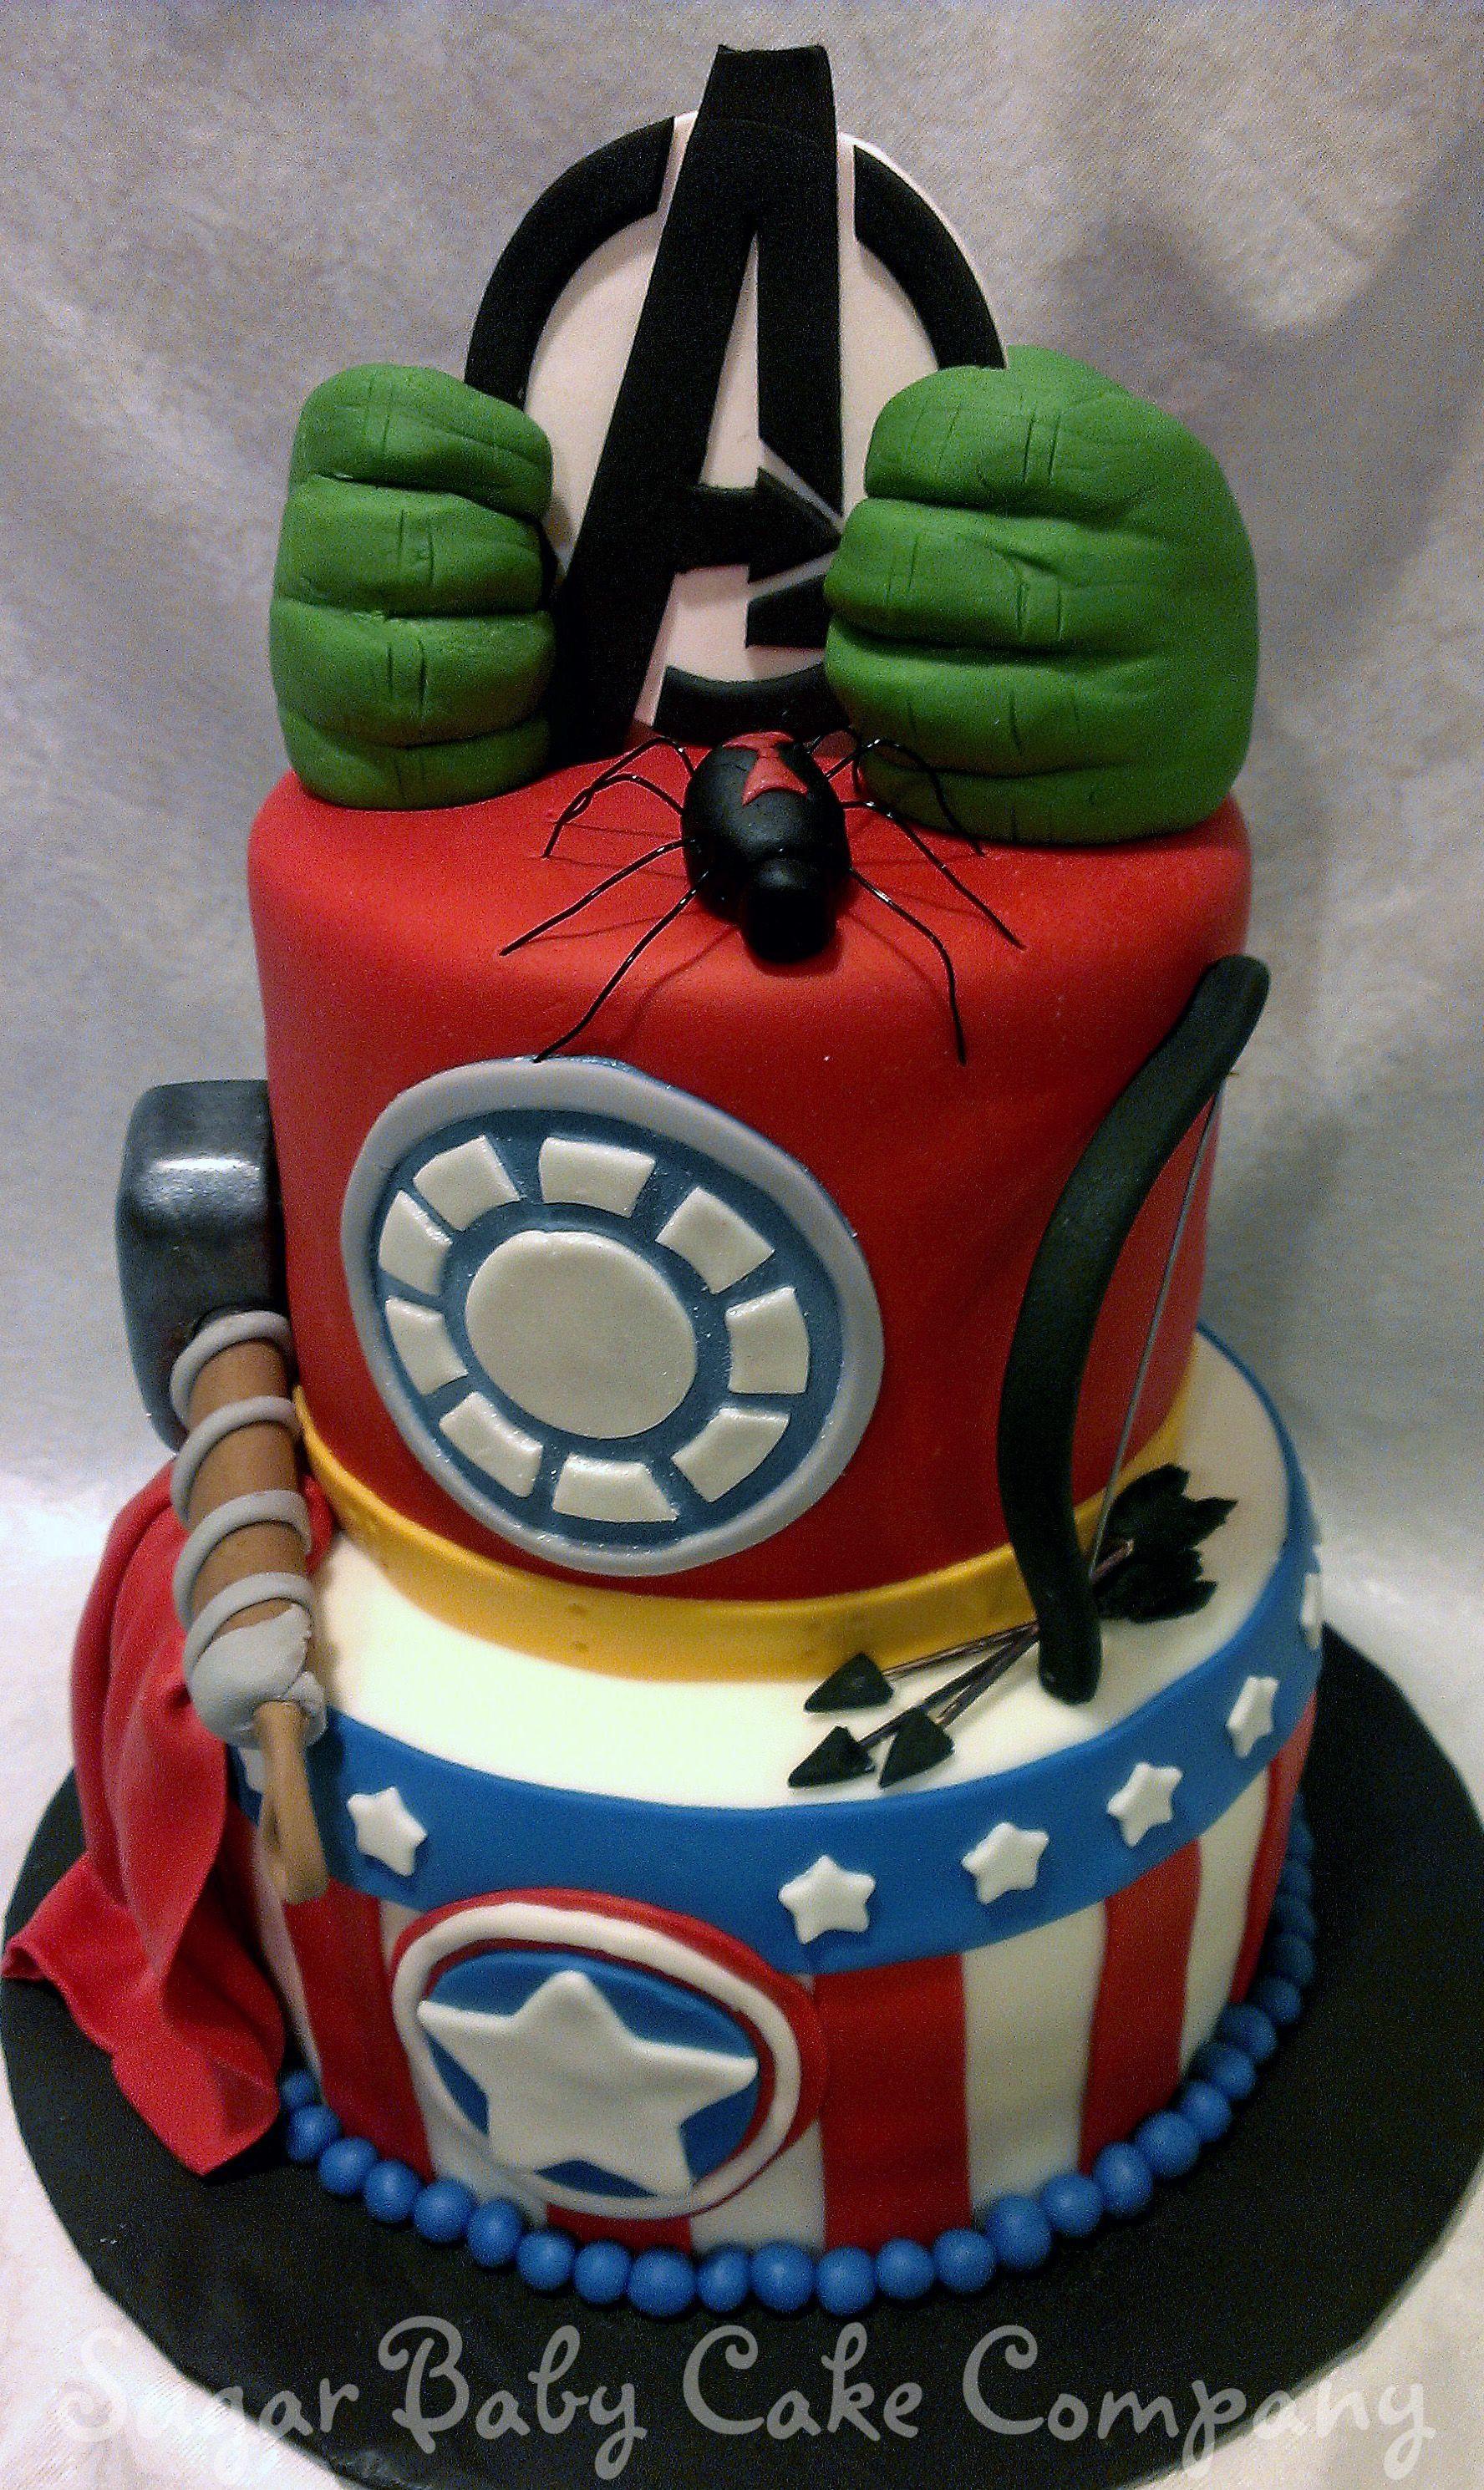 Avengers Birthday Cake  Avengers Birthday Cakes on Pinterest